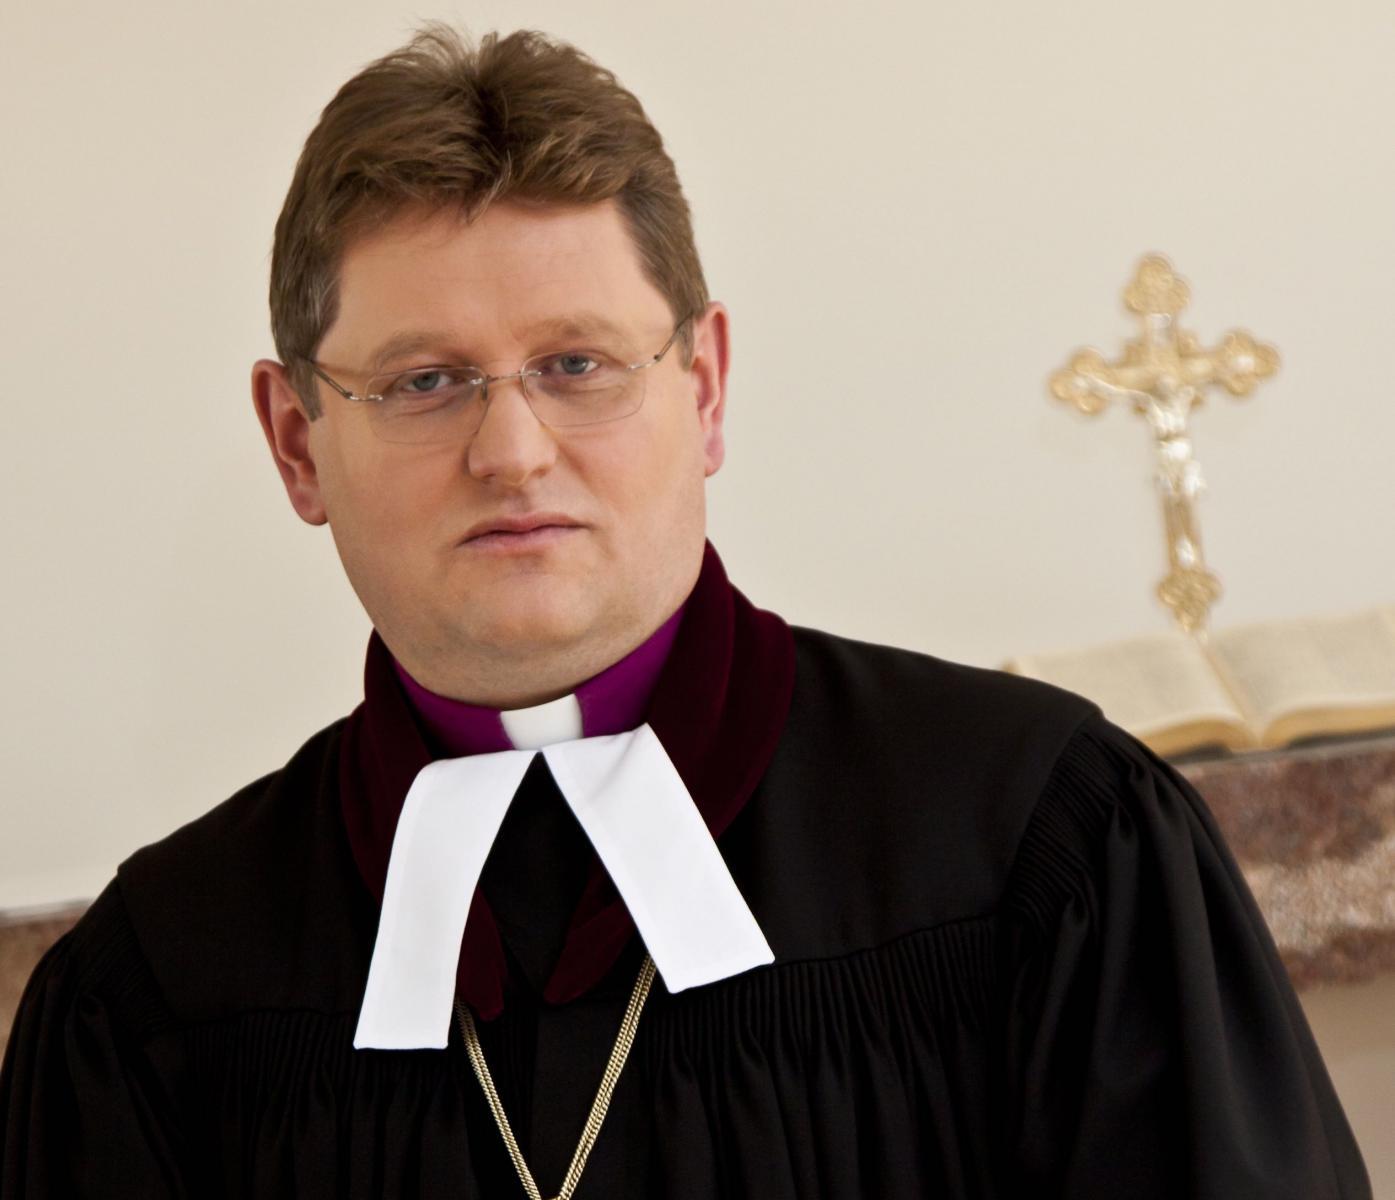 Ks. Jerzy Samiec, Biskup Kościoła Ewangelicko-Augsburskiego w RP